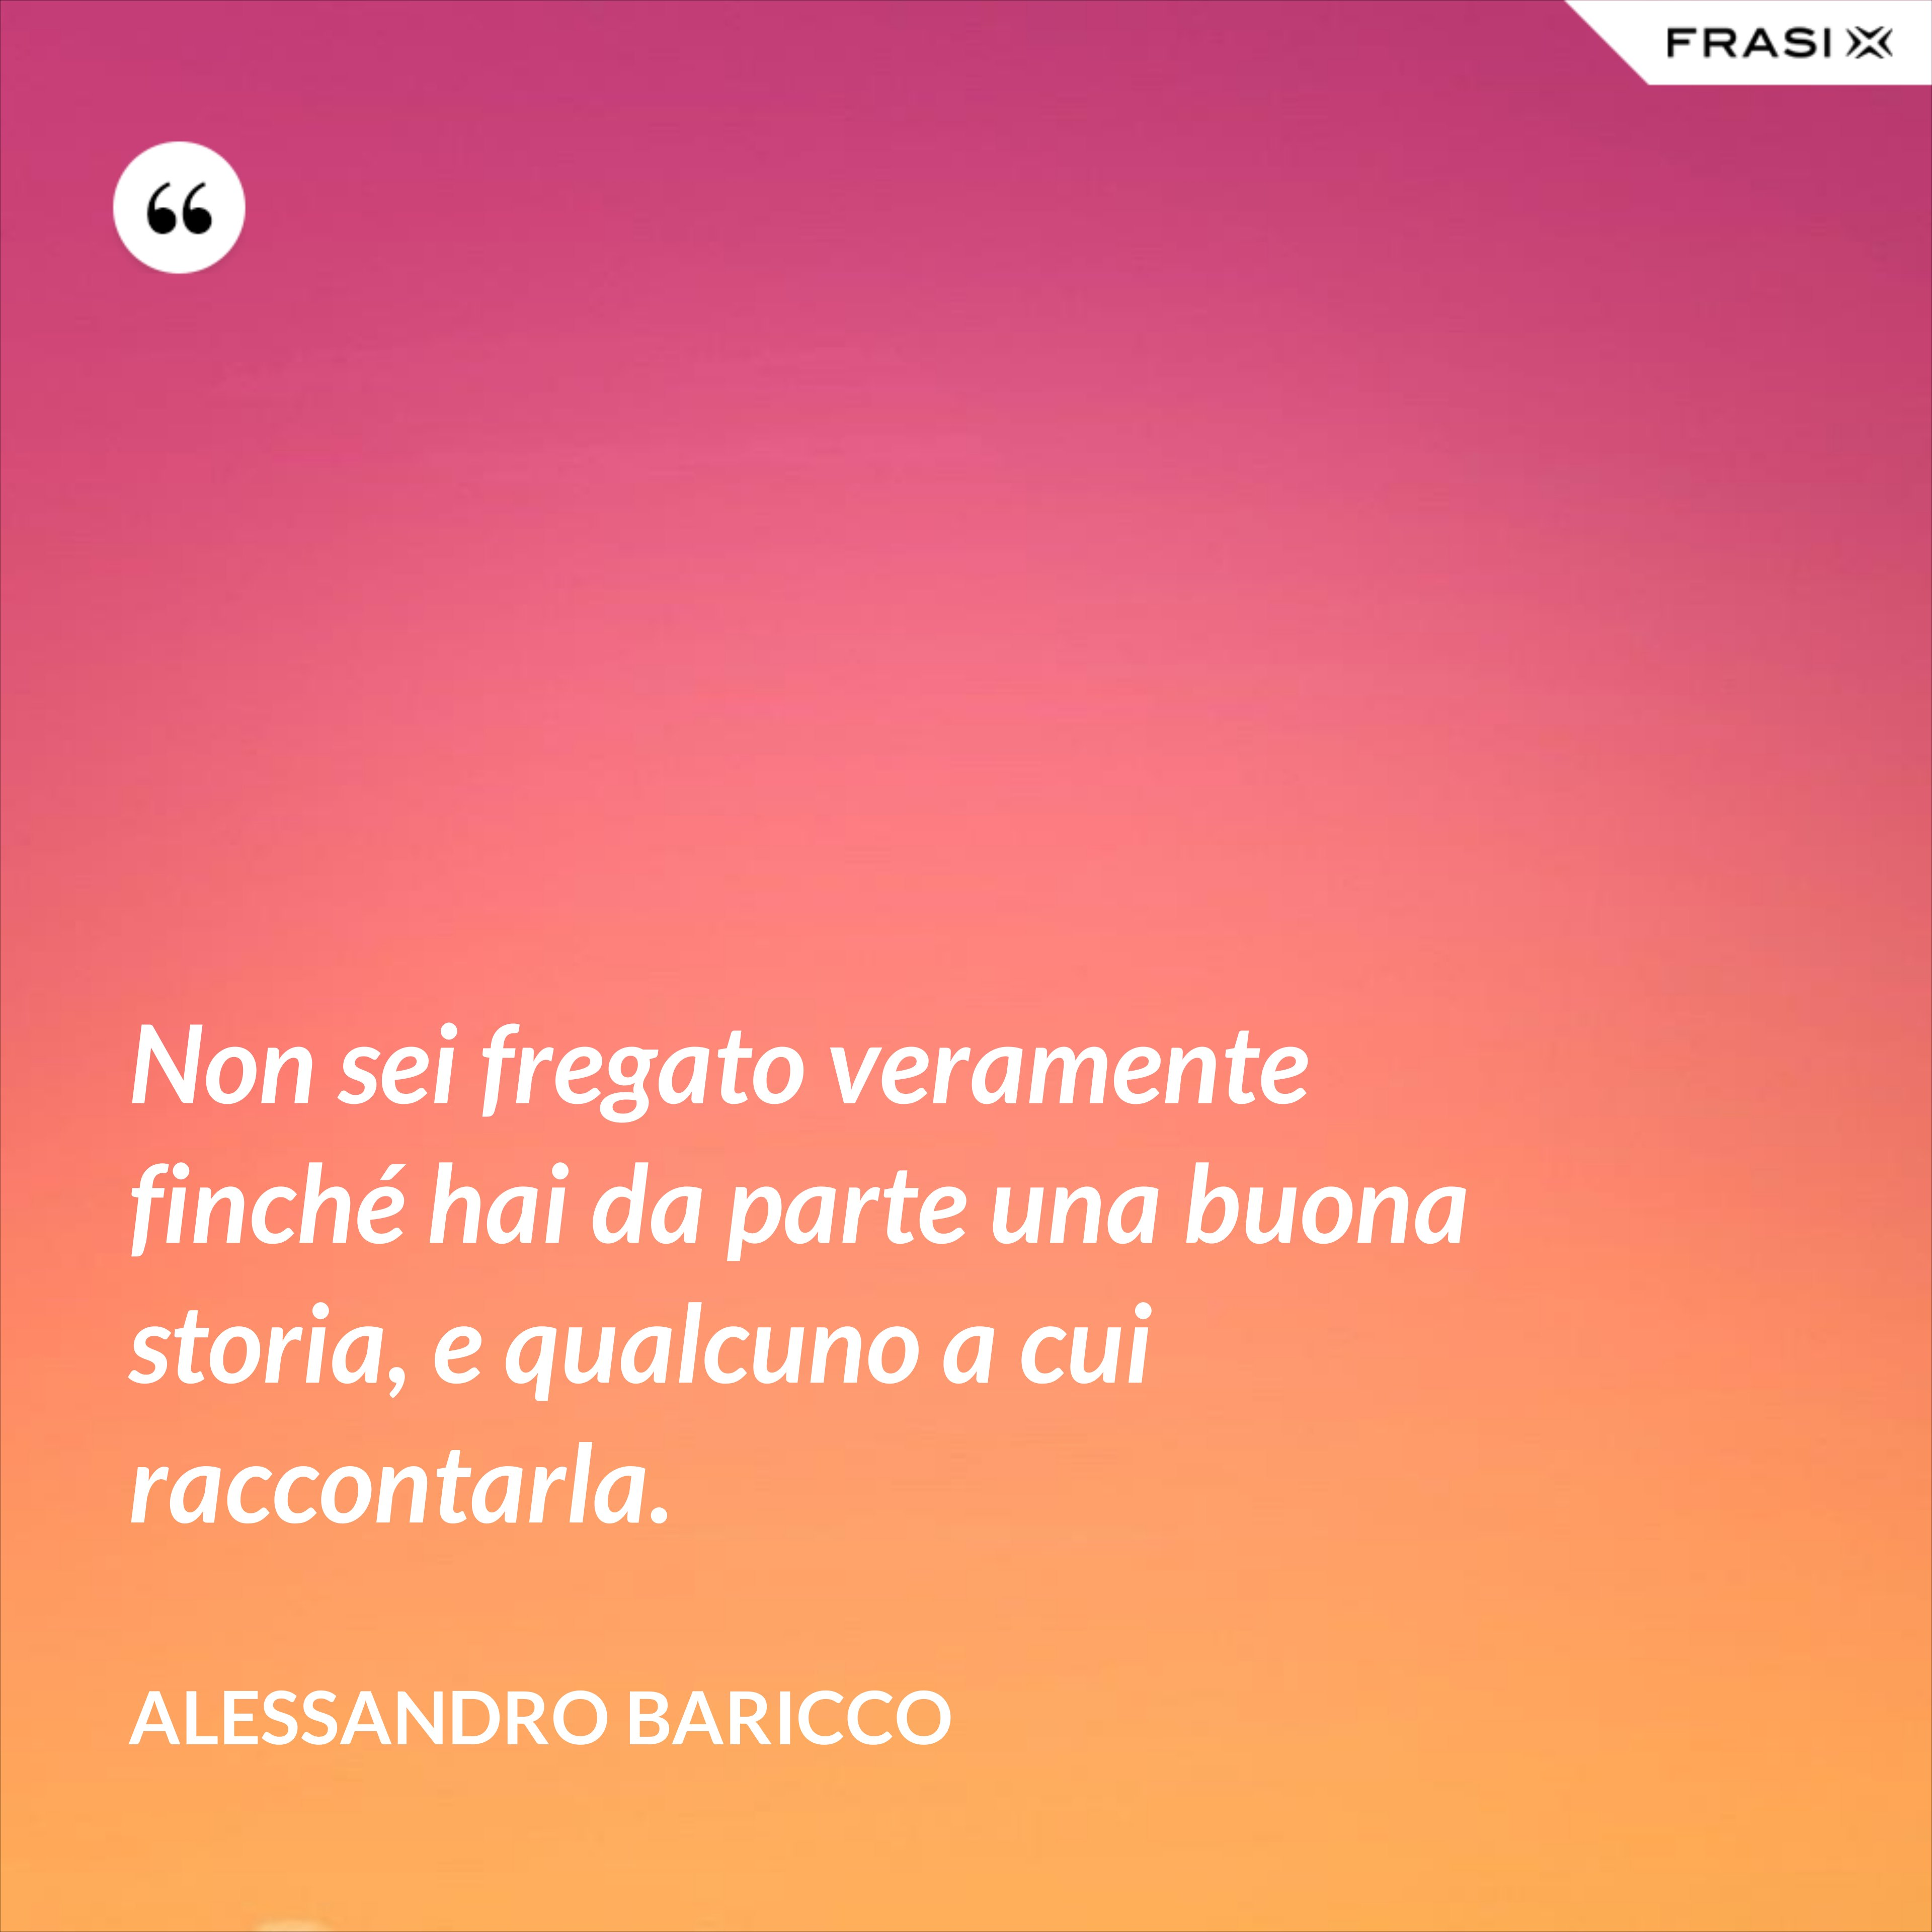 Non sei fregato veramente finché hai da parte una buona storia, e qualcuno a cui raccontarla. - Alessandro Baricco